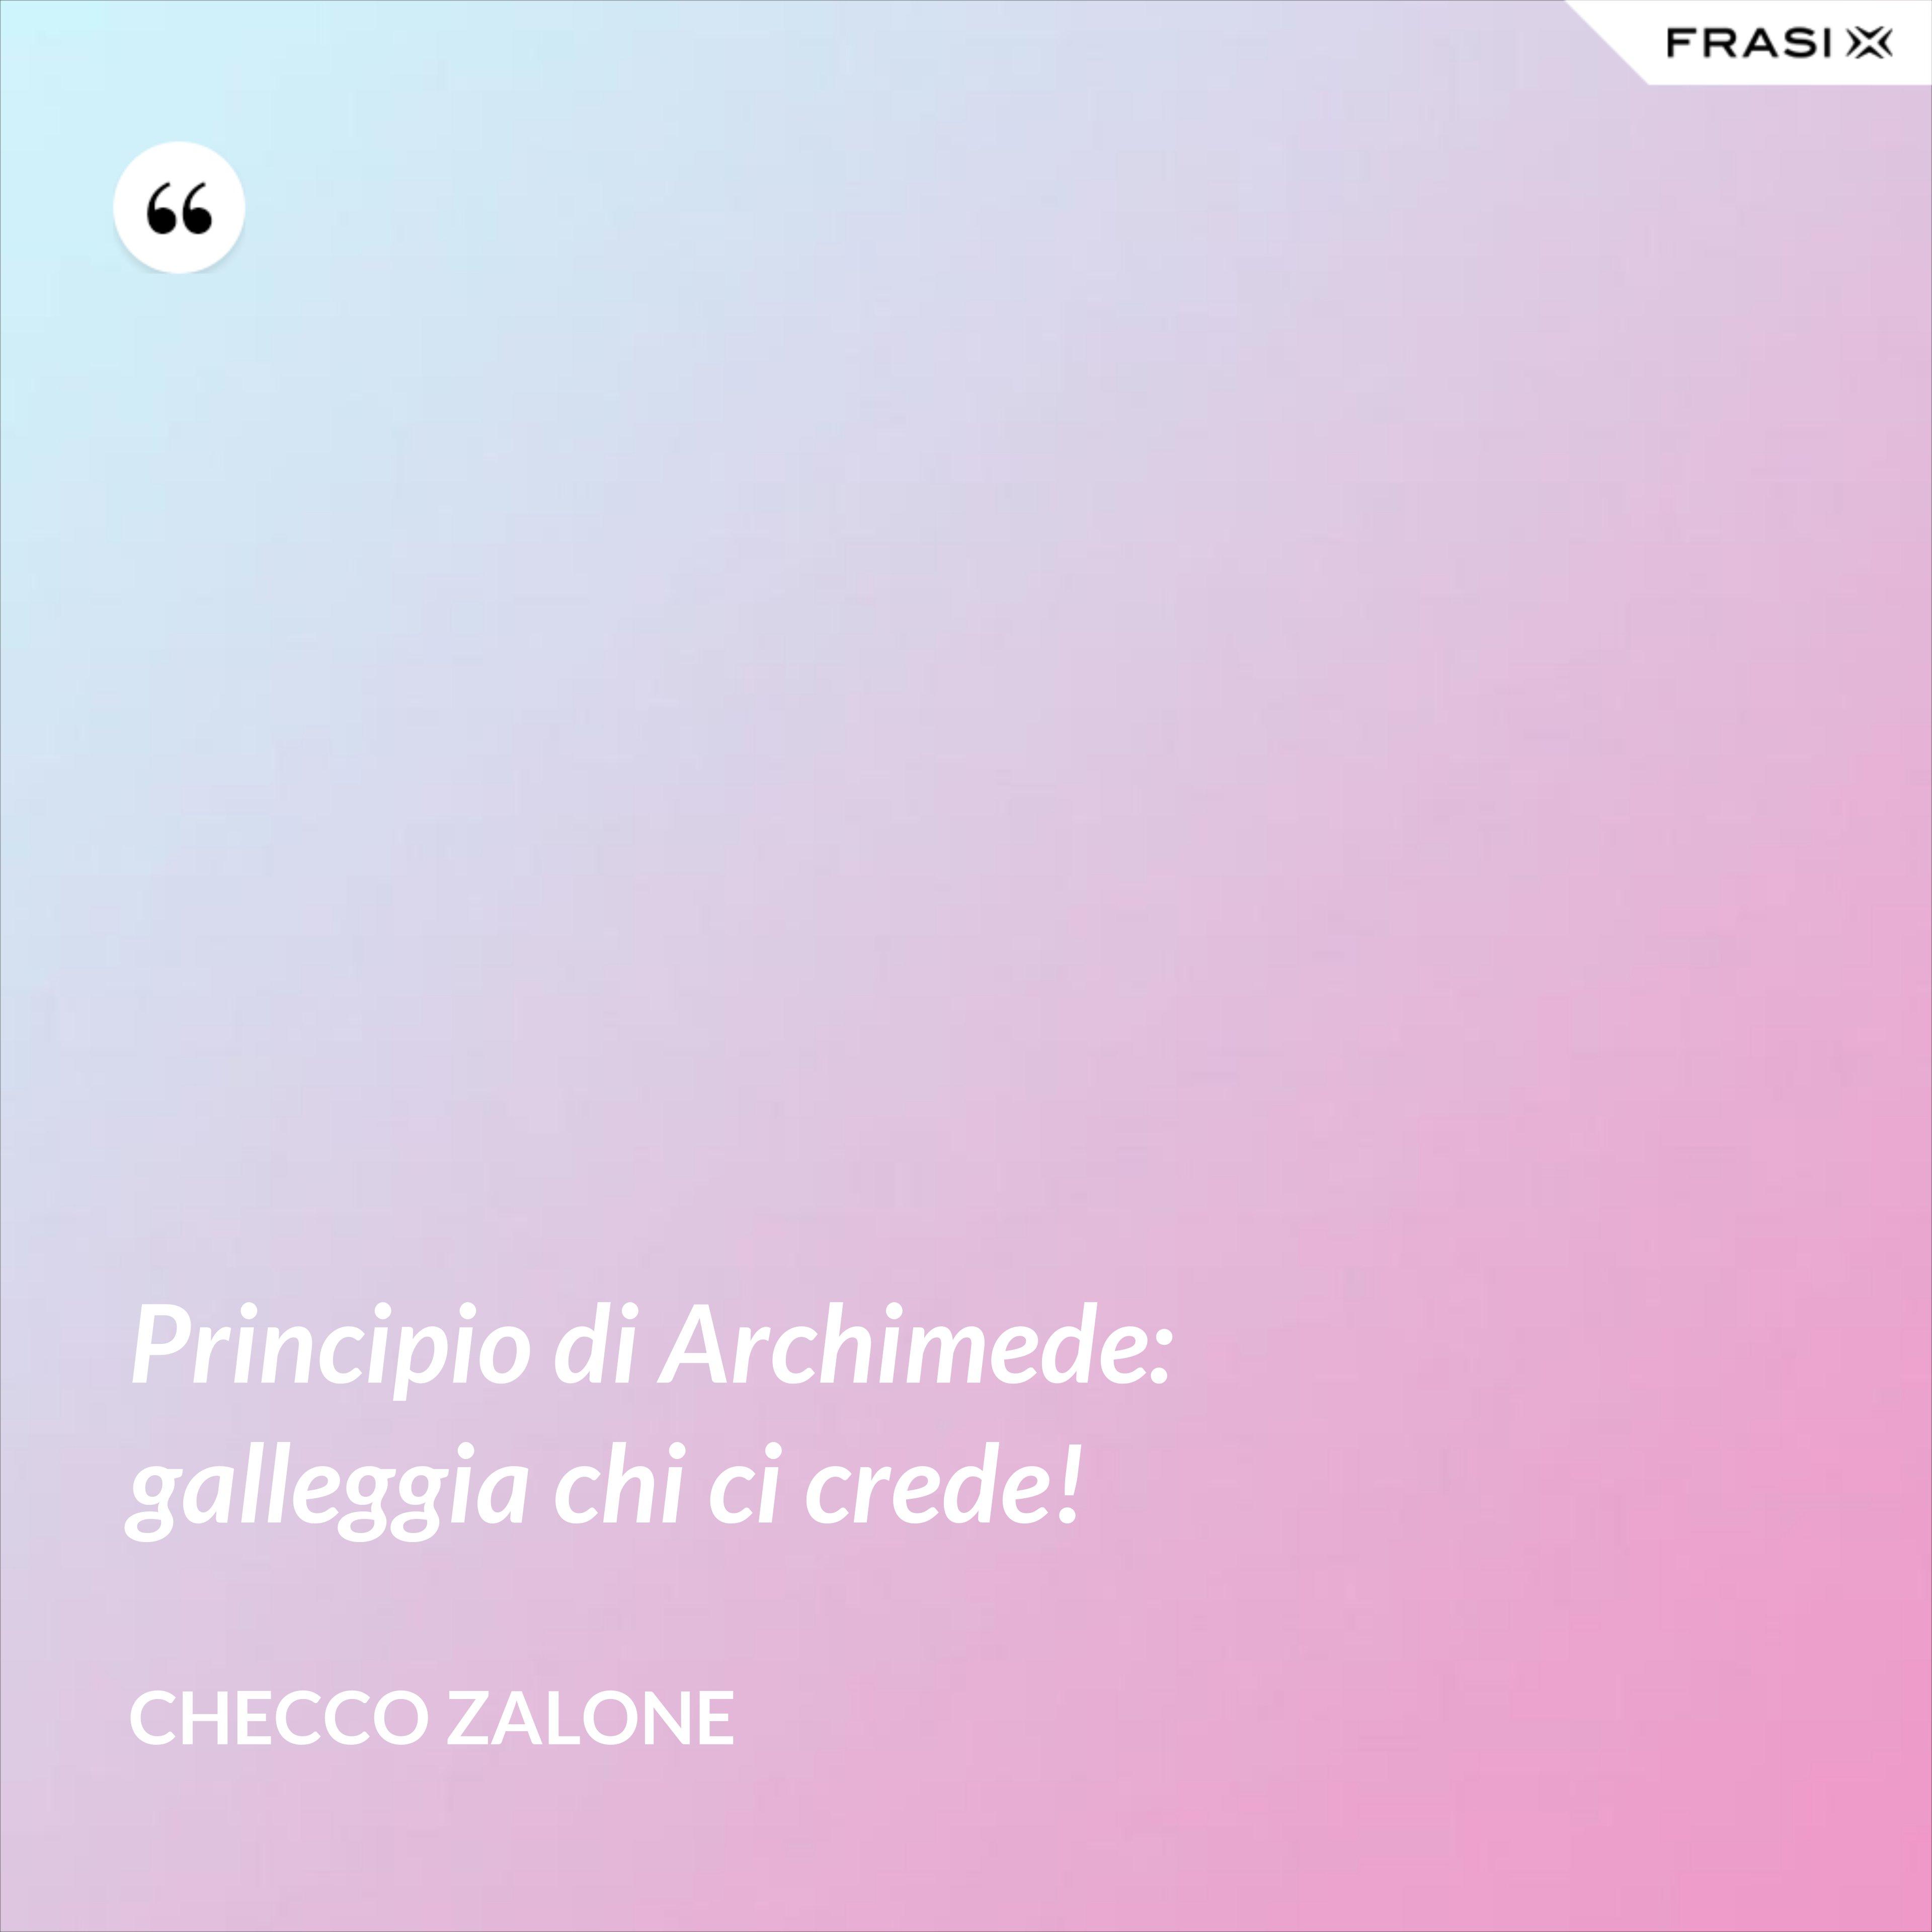 Principio di Archimede: galleggia chi ci crede! - Checco Zalone